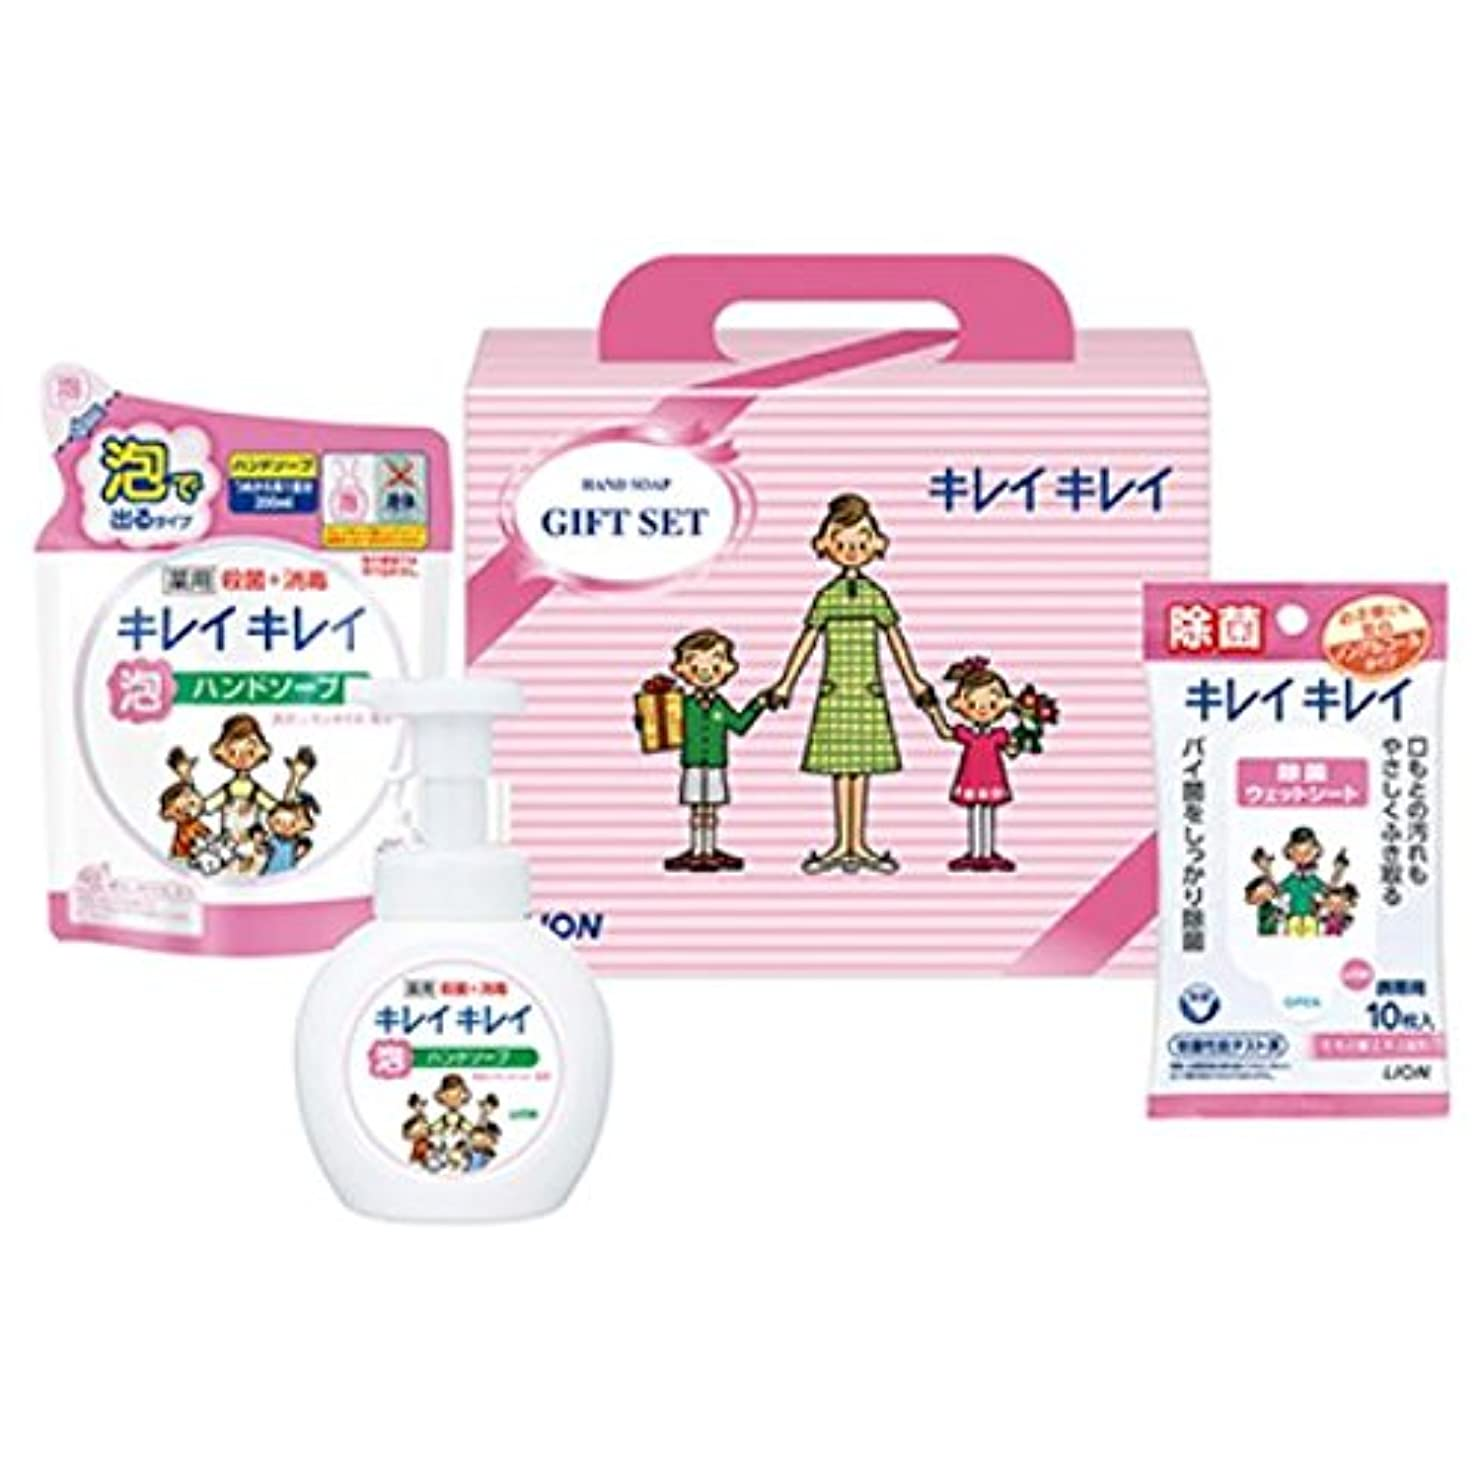 展示会メトリック分布ライオン キレイキレイギフト【B倉庫】